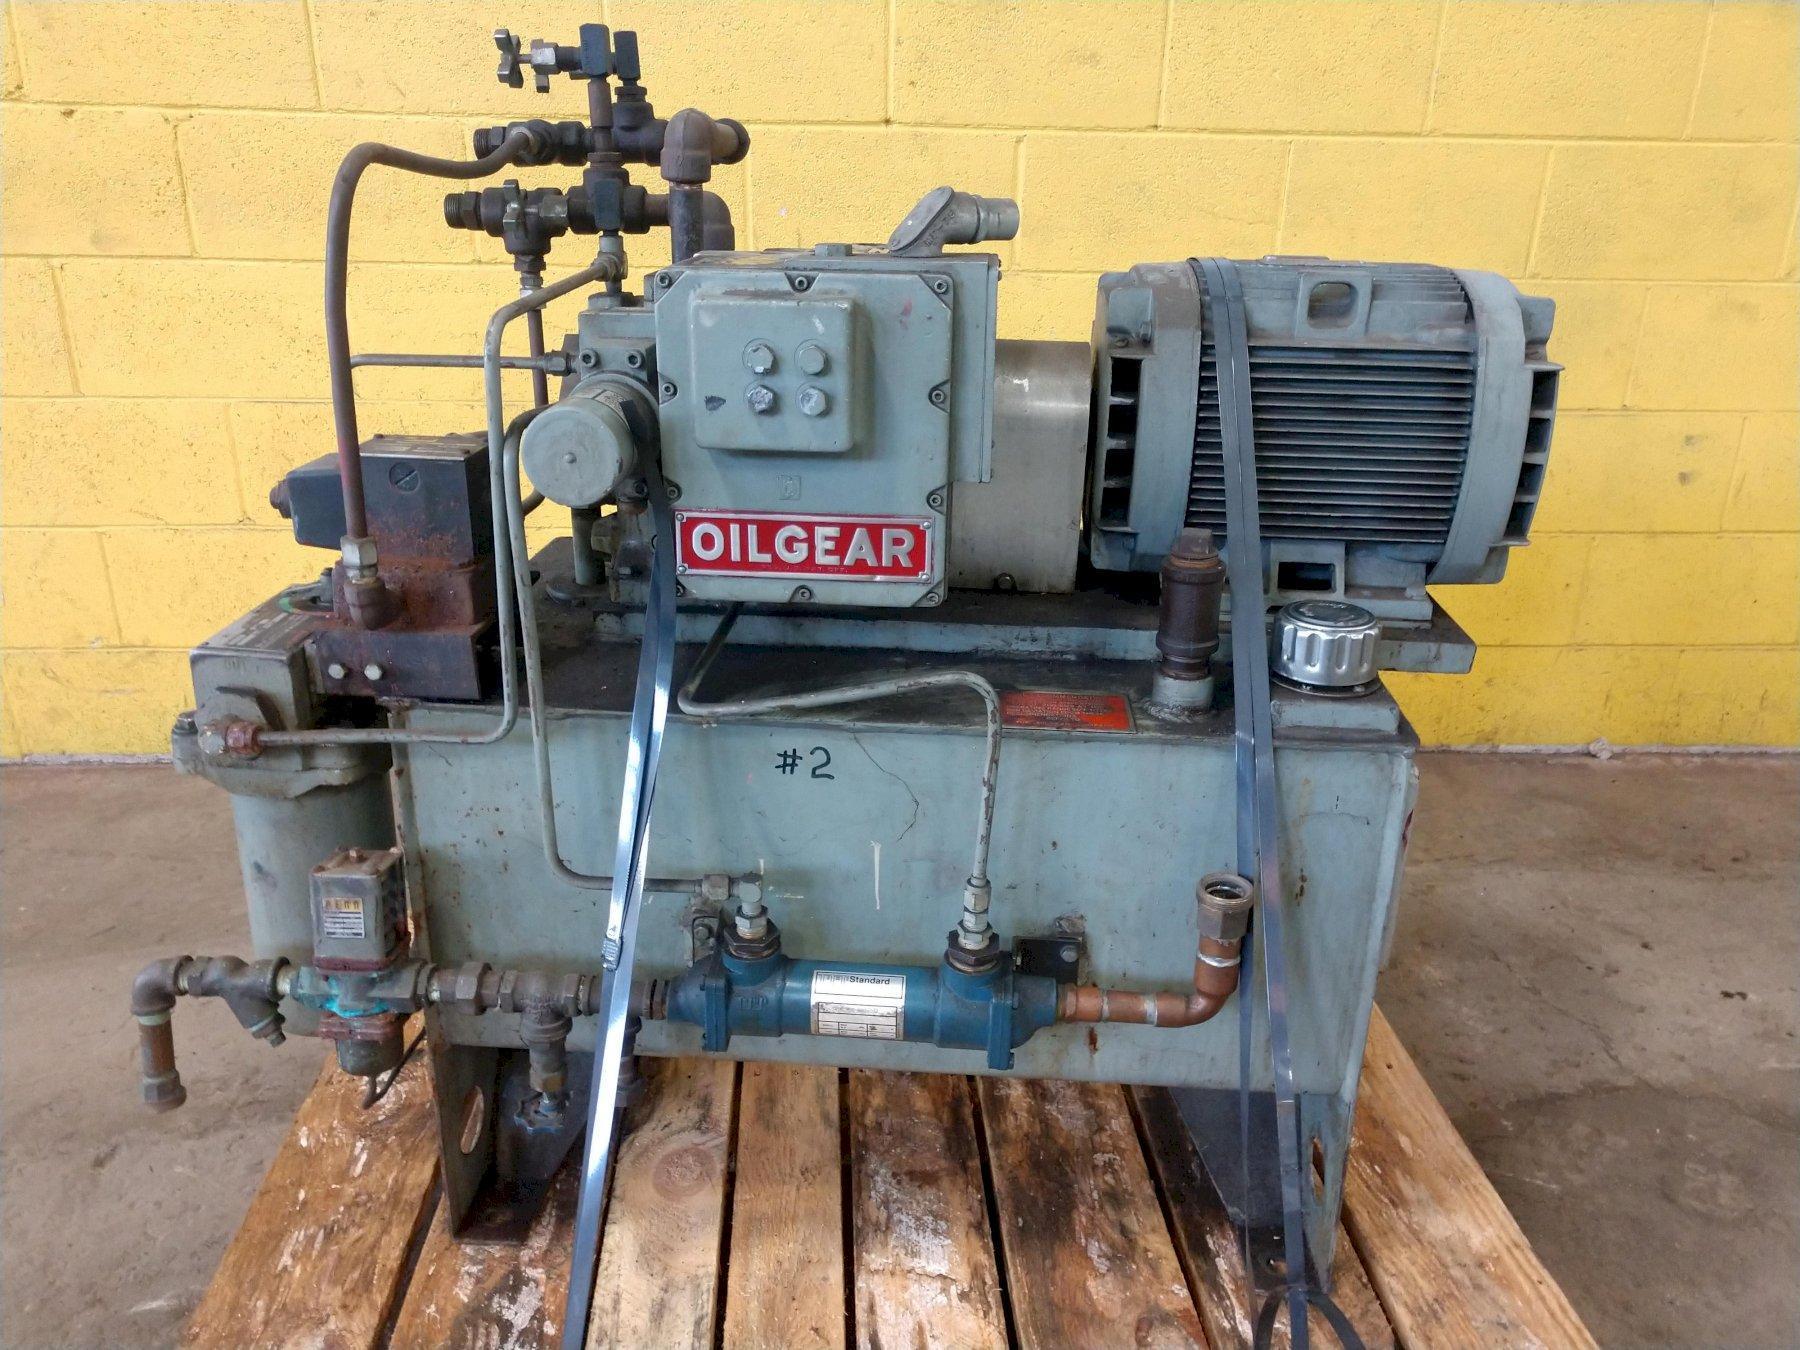 10 HP OIL GEAR MODEL AV-811-V HYDRUALIC PUMP WITH MOTOR & TANK: STOCK #14461